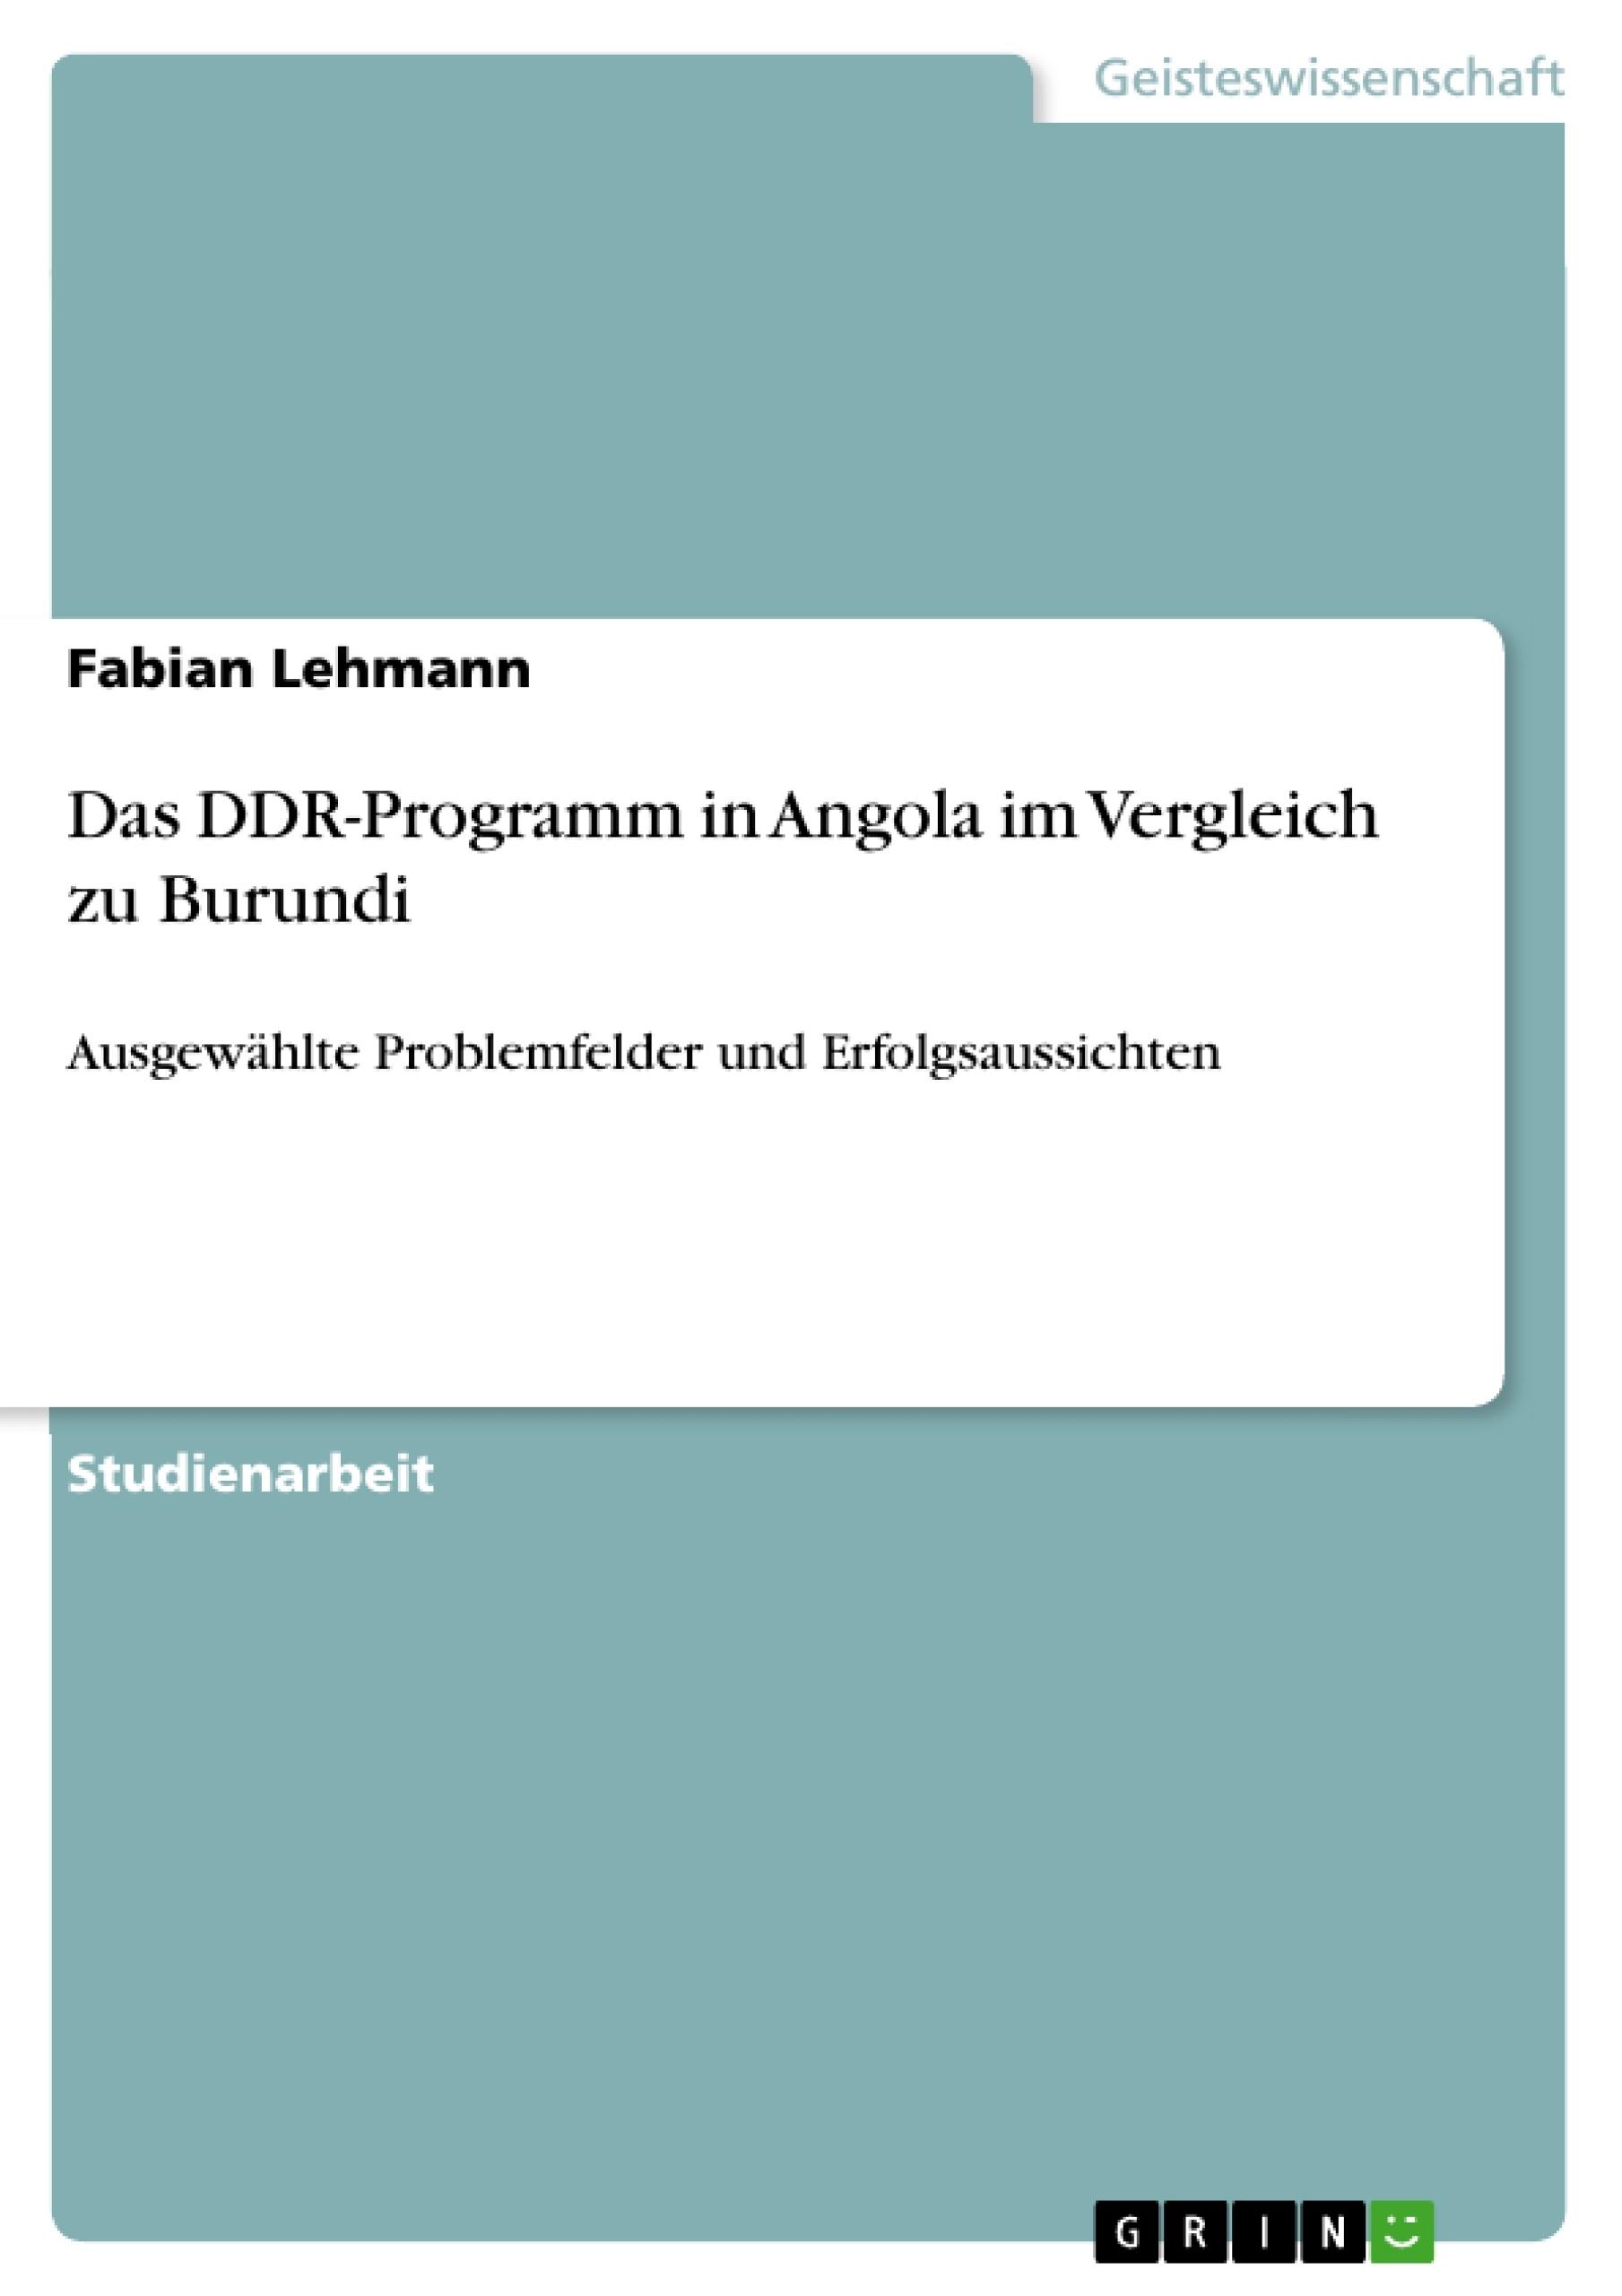 Titel: Das DDR-Programm in Angola im Vergleich zu Burundi